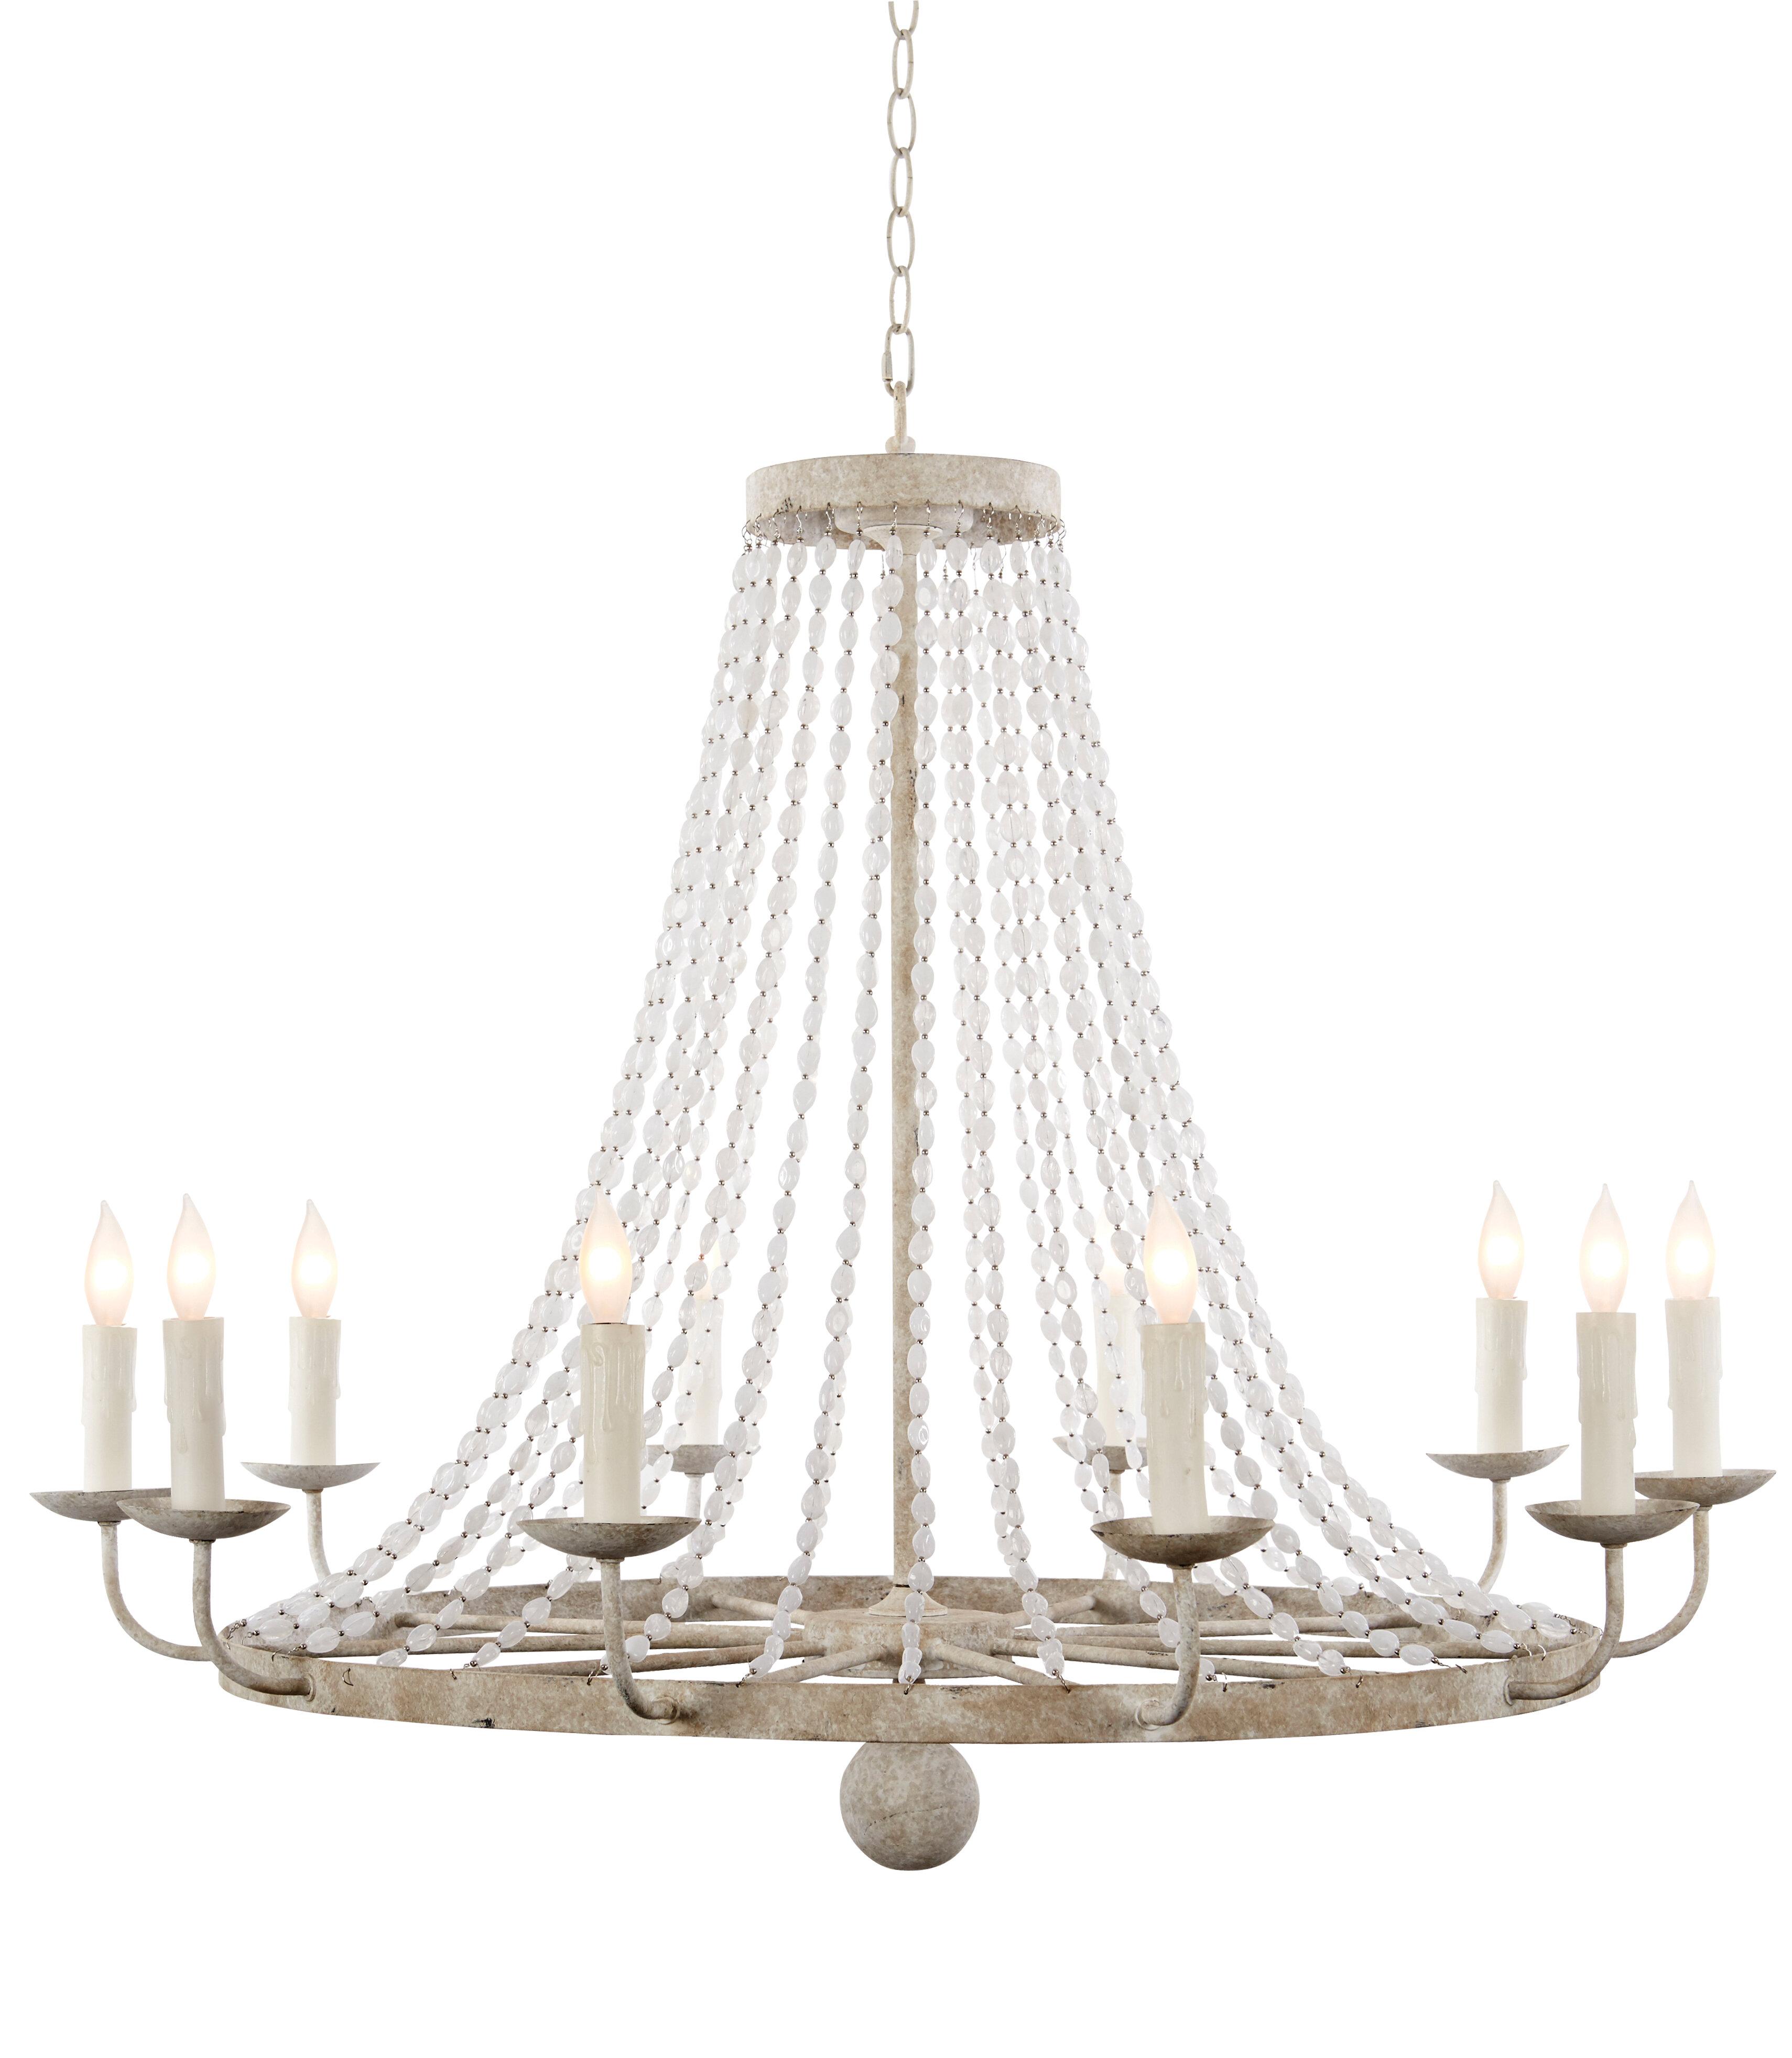 Aidan gray 12 light chandelier reviews wayfair